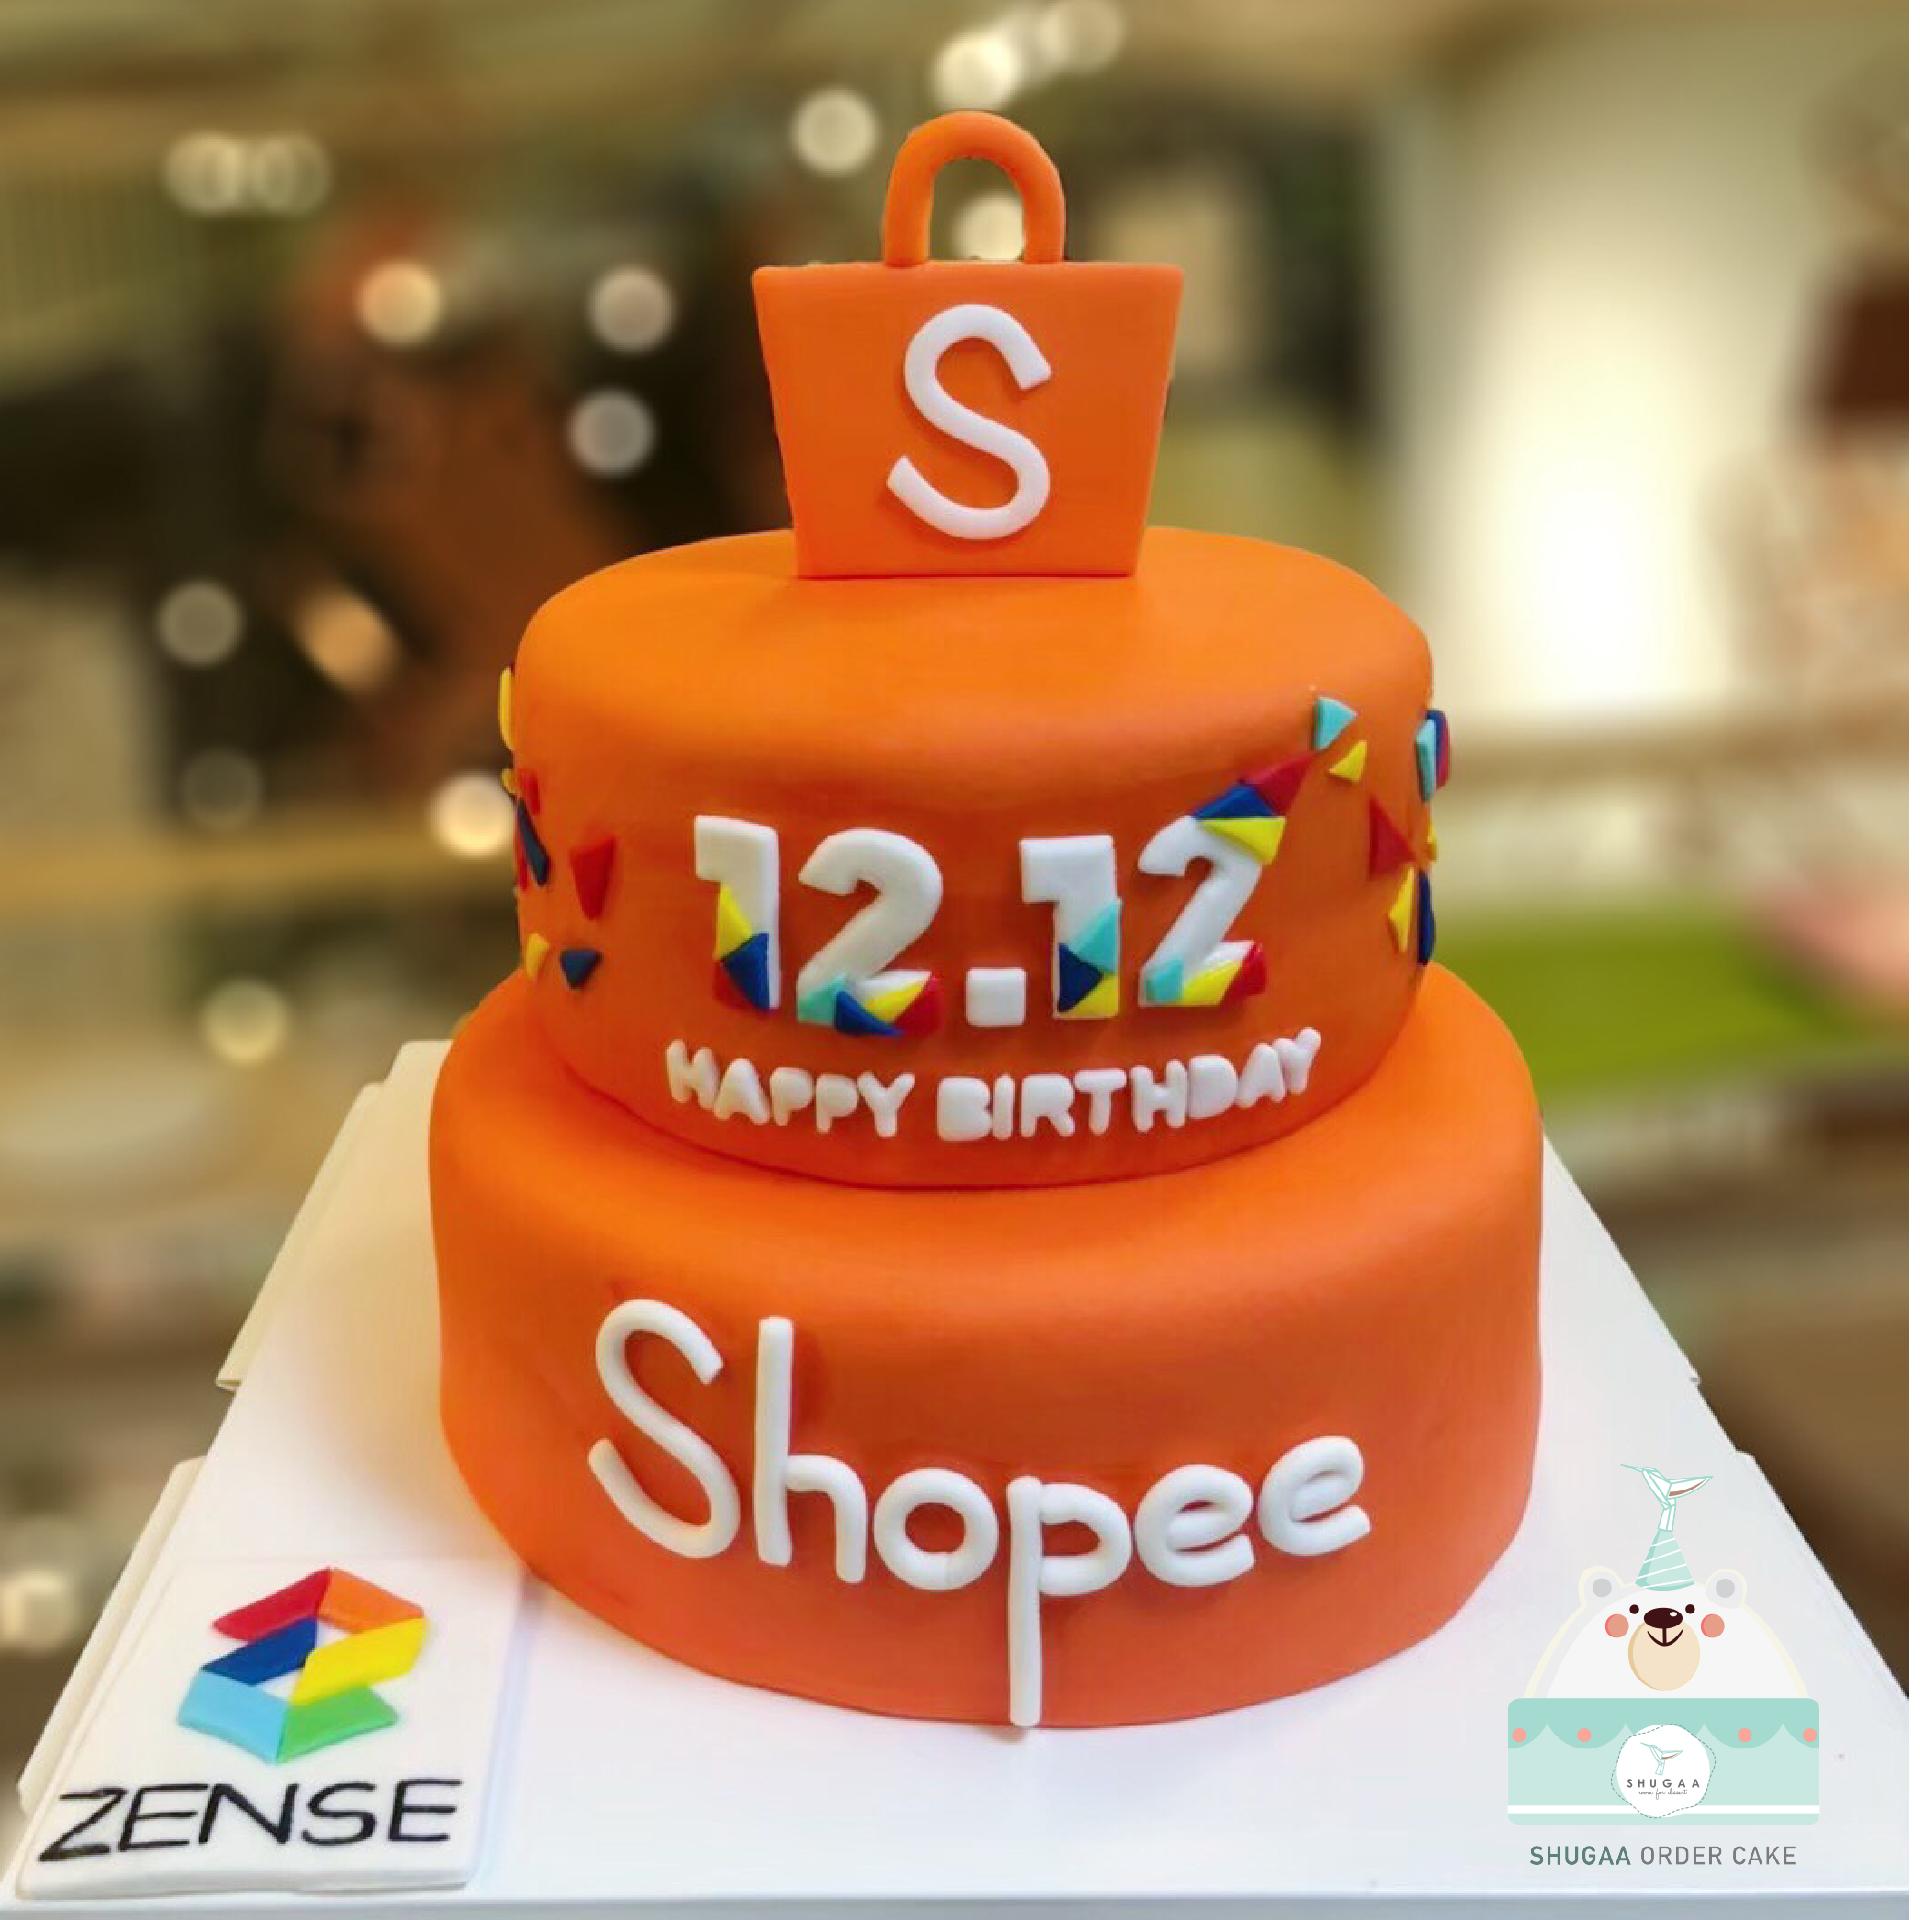 เค้กวันเกิดบริษัท เค้กครบรอบบริษัท